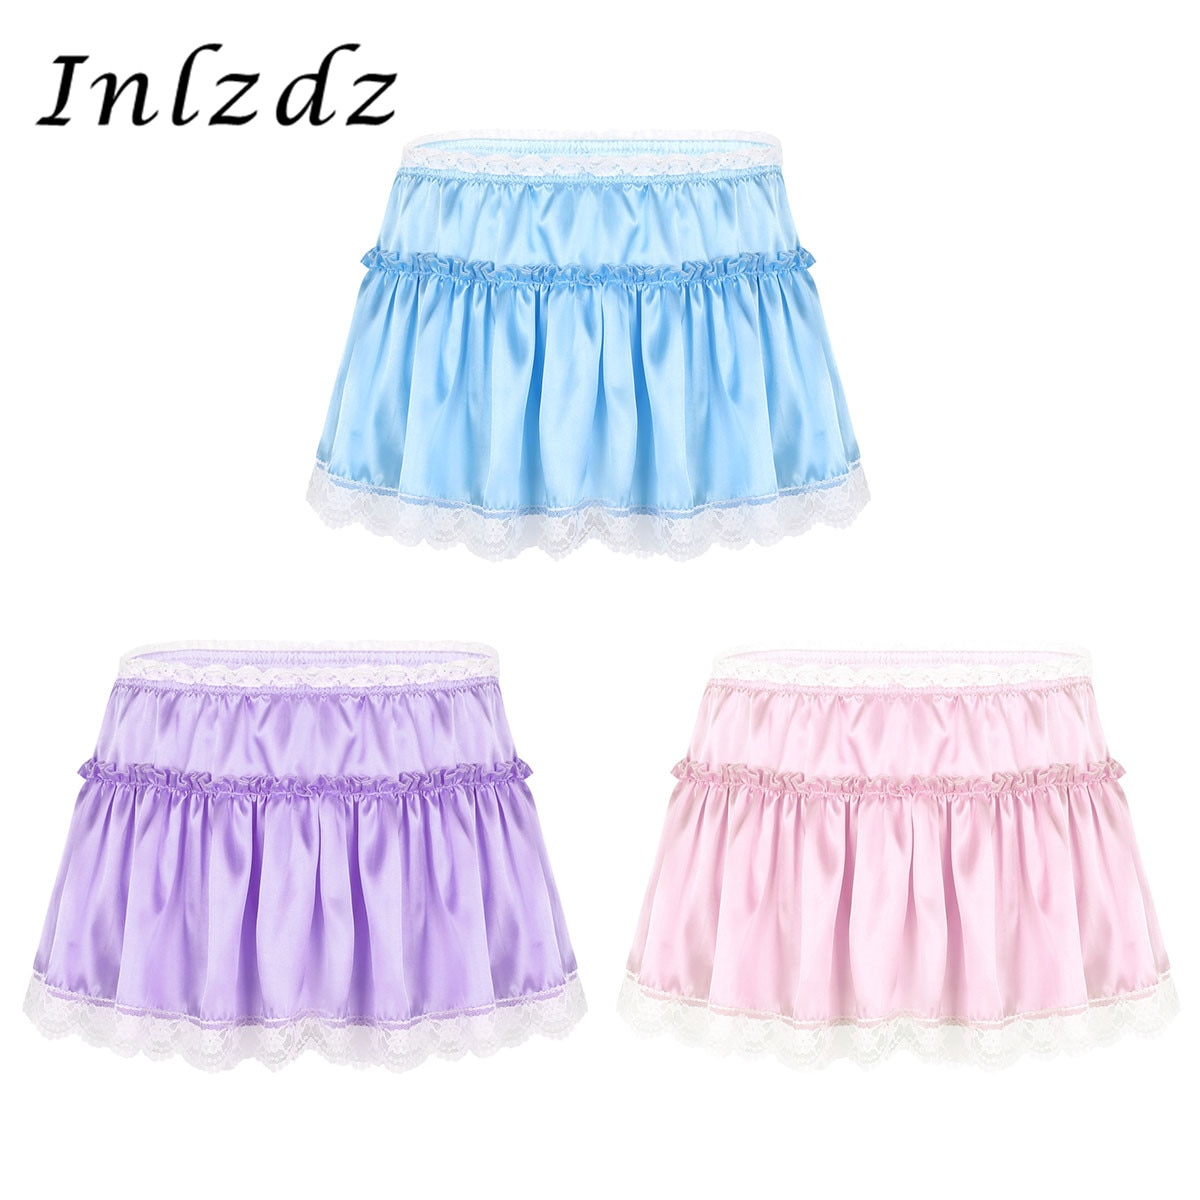 Minifalda de lencería para mujer, de satén, con dobladillo y encaje, con volantes, con volantes